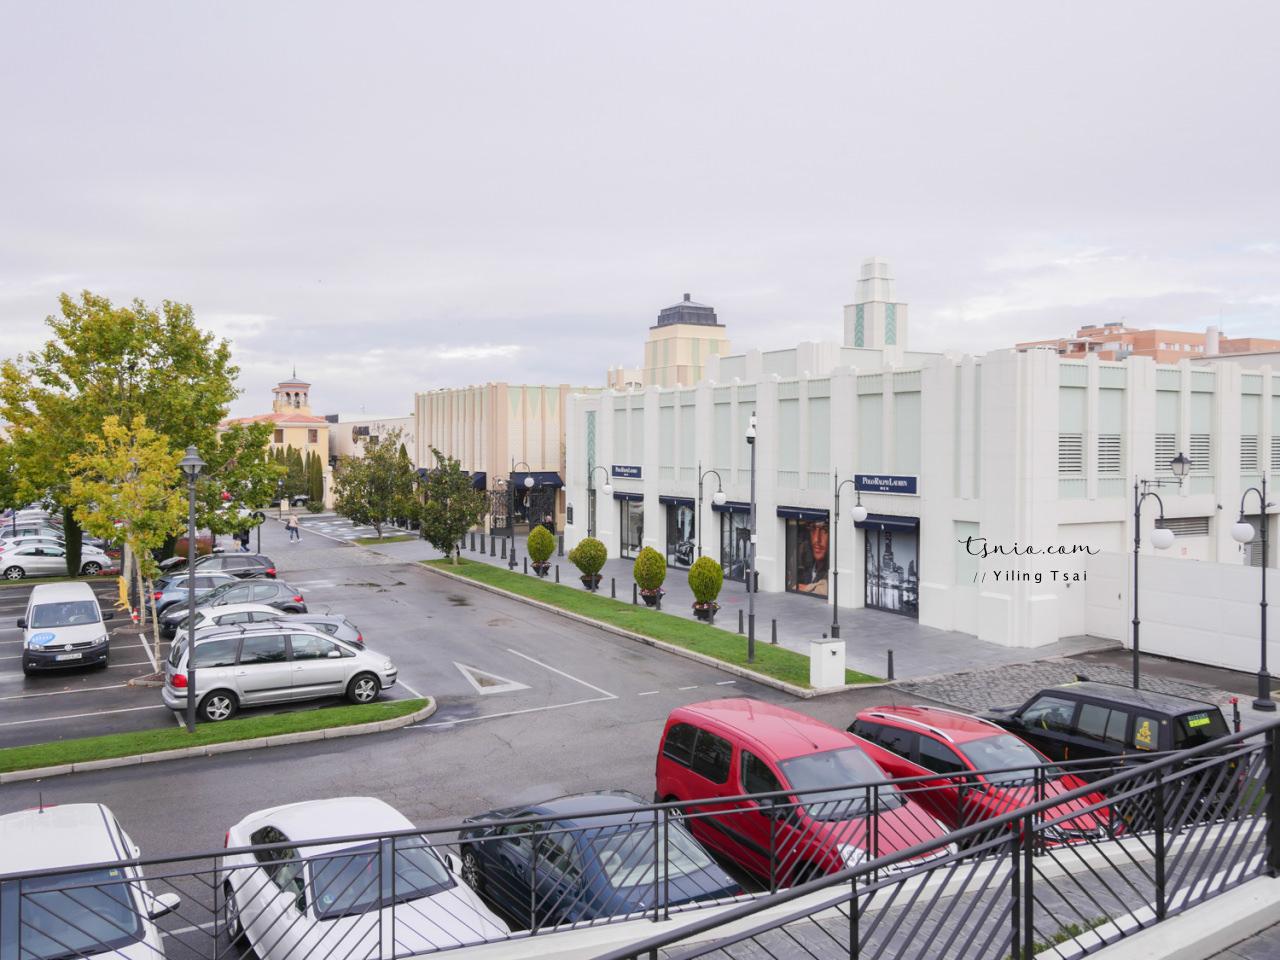 西班牙馬德里 Las Rozas Village Outlet 拉斯羅薩斯購物村 馬德里 Outlet 交通品牌退稅分享